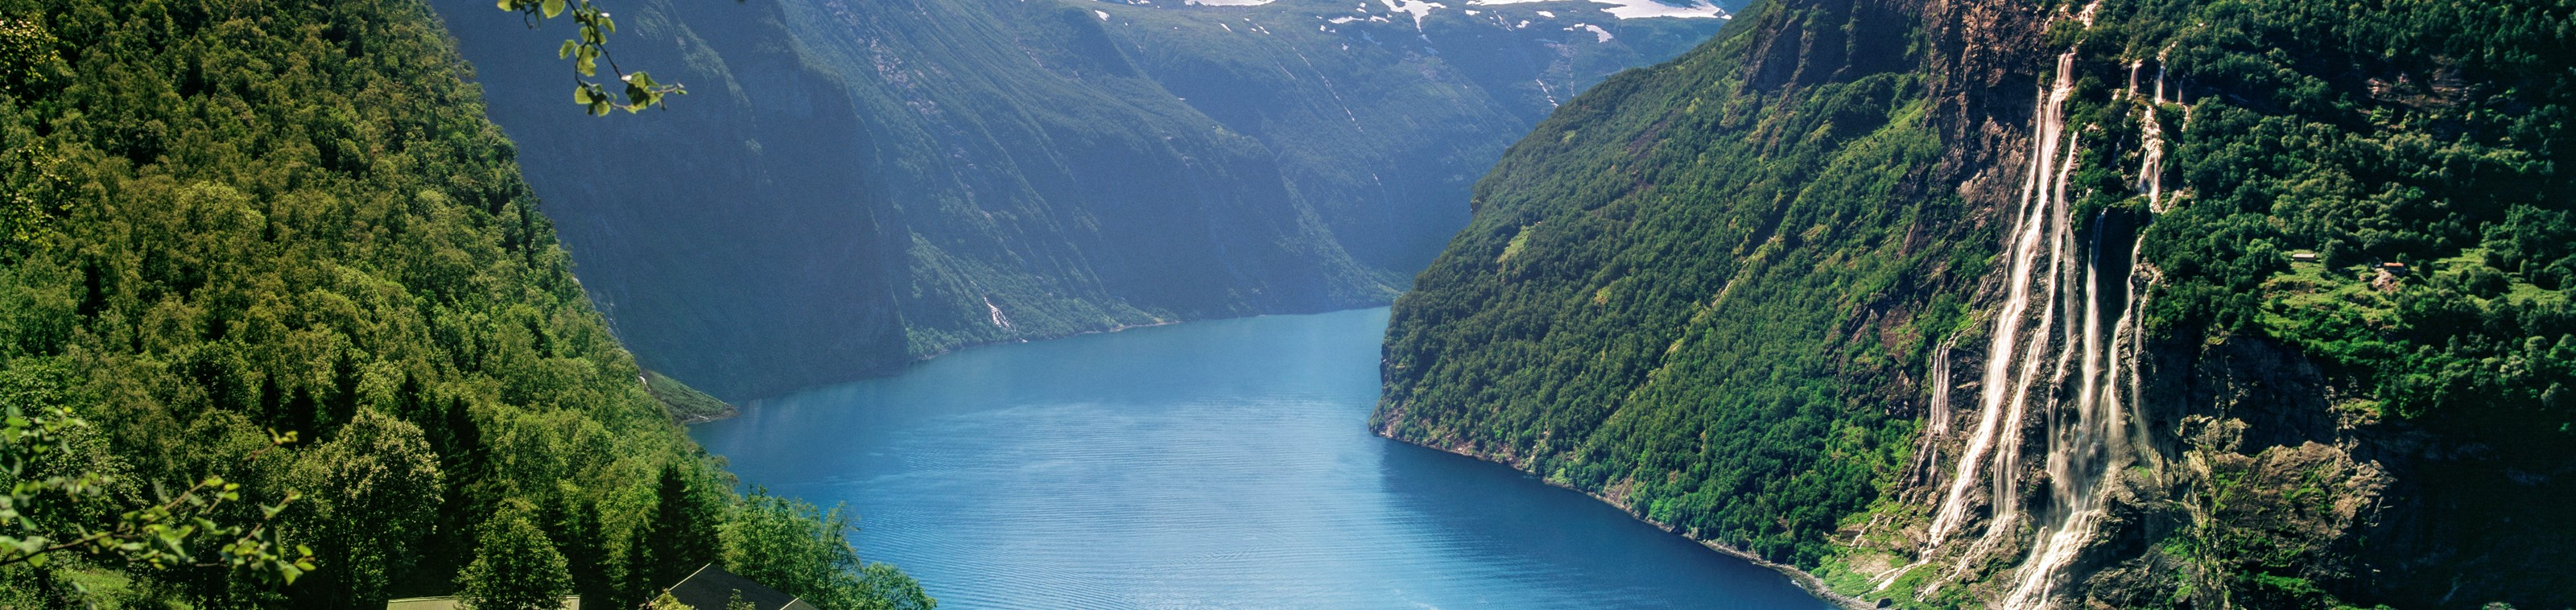 10-daagse rondreis in Noorwegen